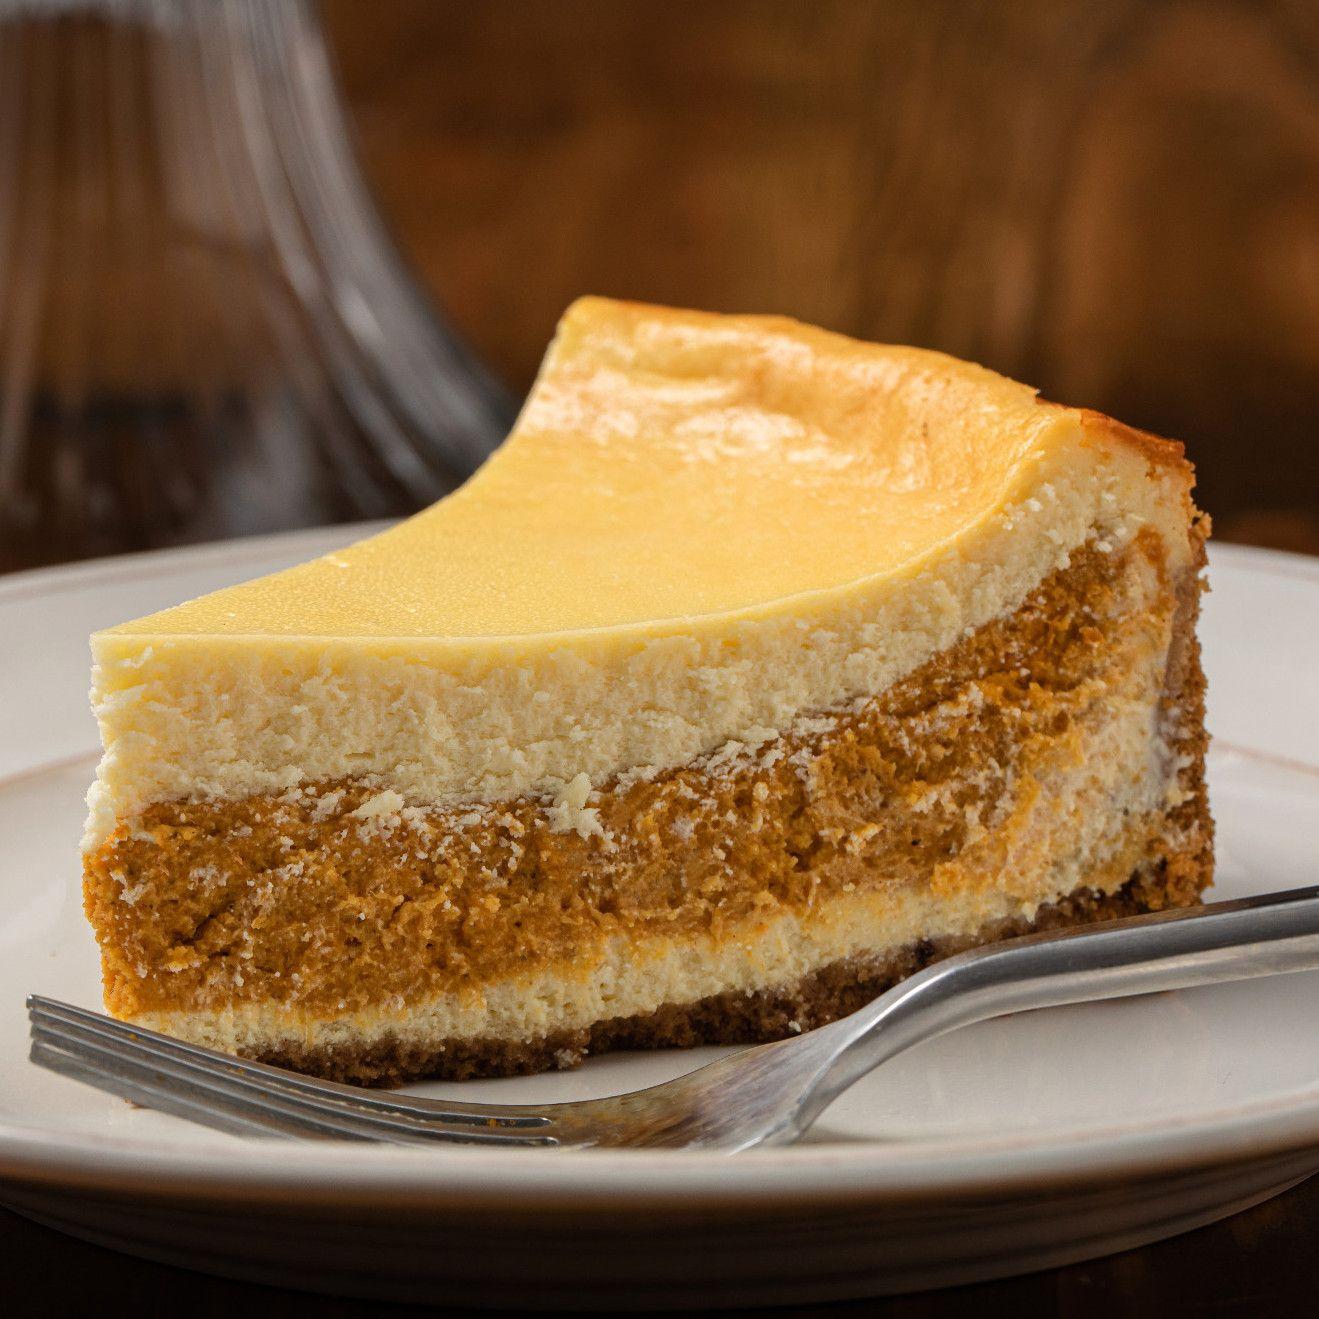 Layered Pumpkin Cheesecake Recipe Recipe In 2020 Pumpkin Cheesecake Recipes Cheesecake Recipes Pumpkin Dessert